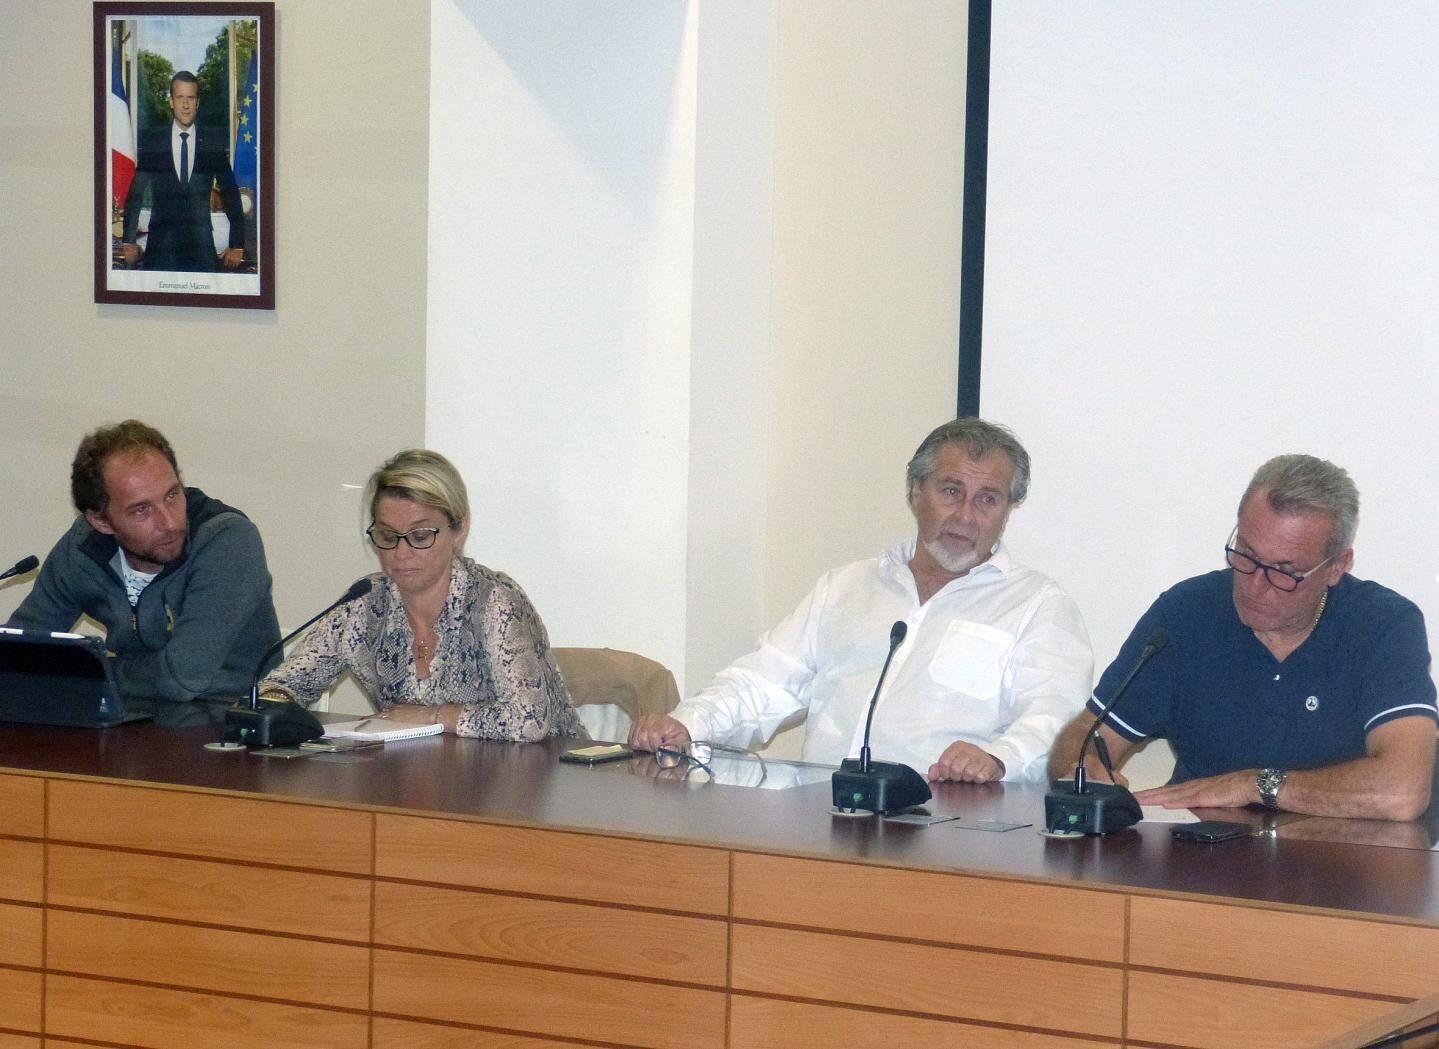 Les réponses formulées par les quatre élus aux questions posées par les riverains ont trouvé un écho favorable. De gauche à droite : Christophe Robert, Céline Garnier, Philippe Léonelli et Olivier Corna.